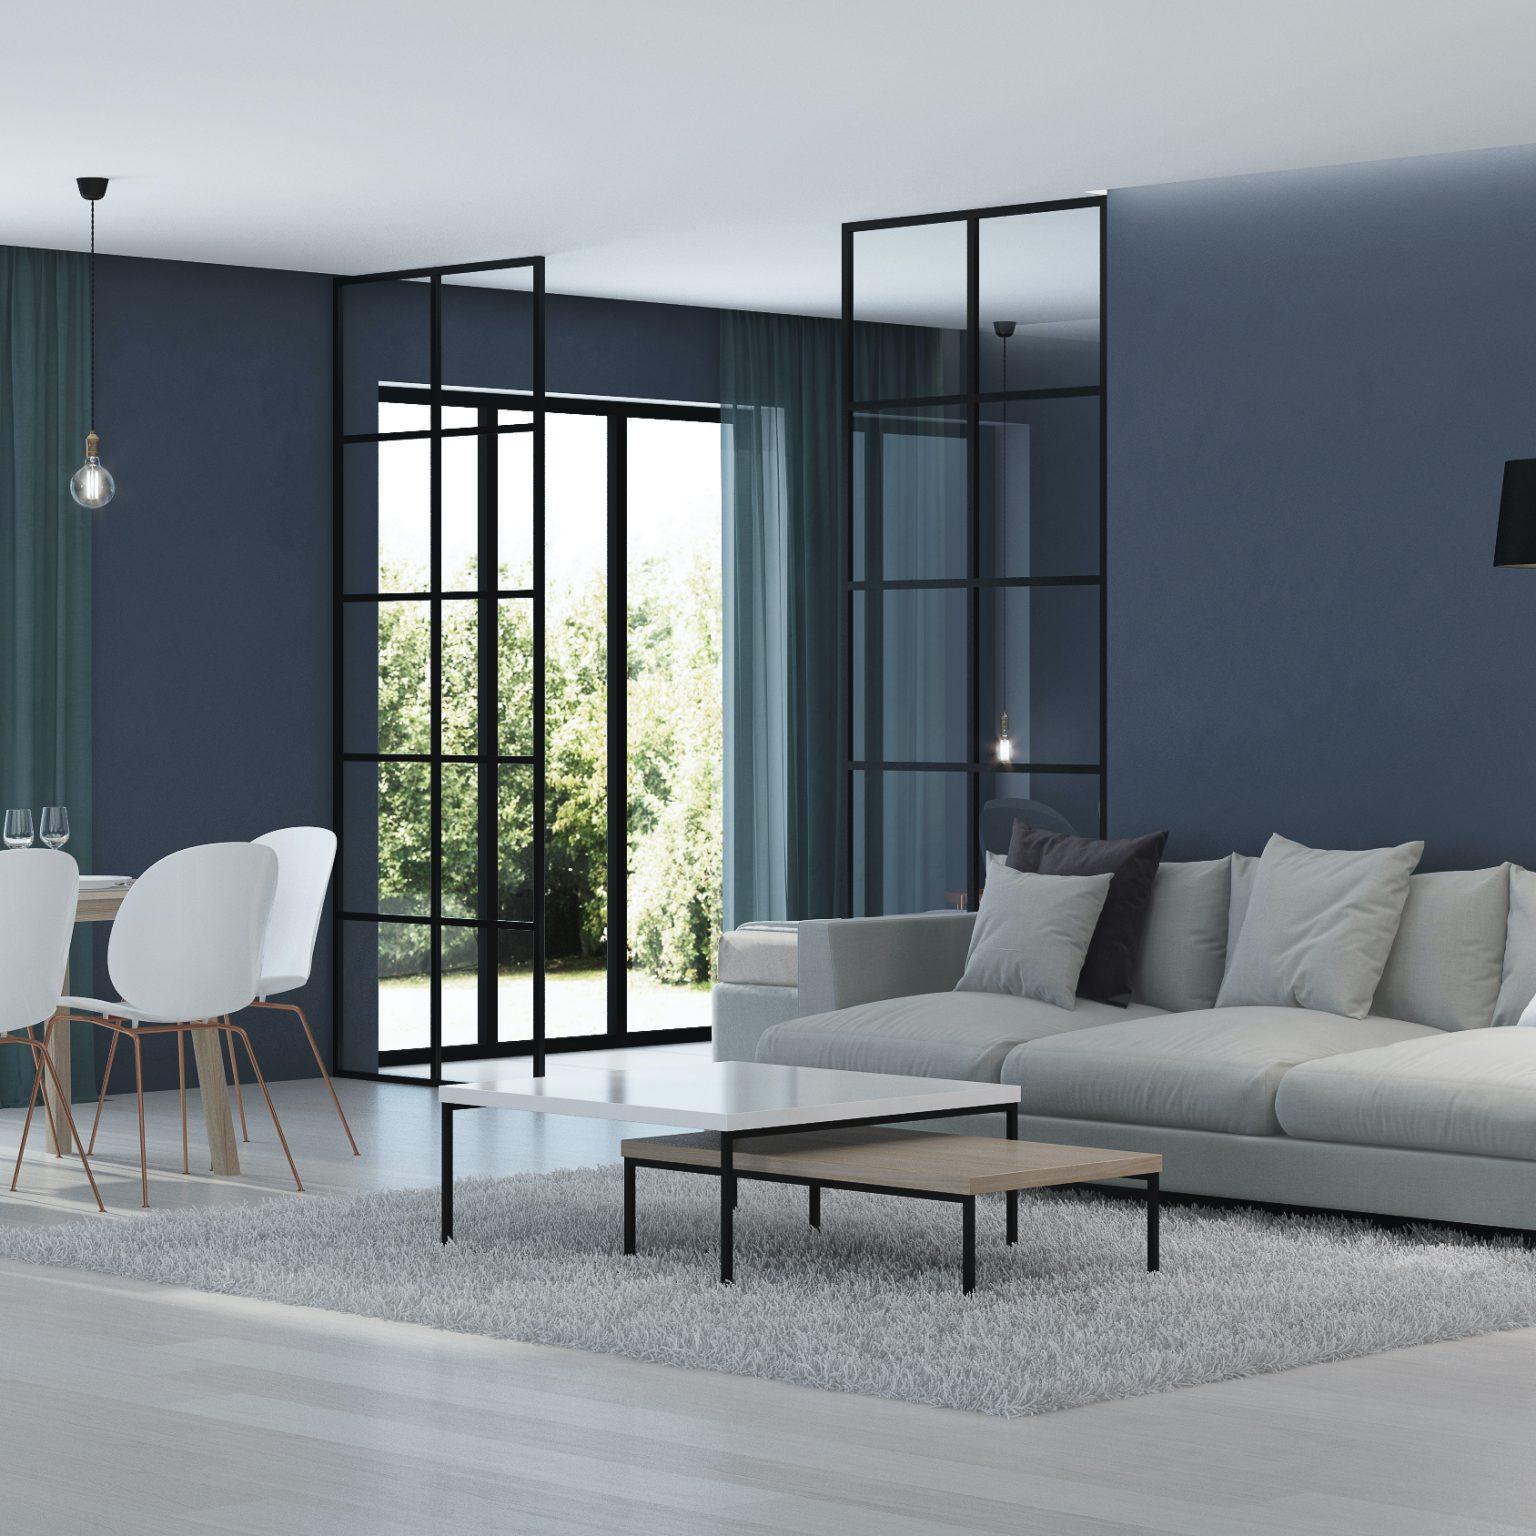 Steel-look interior Screens & Doors